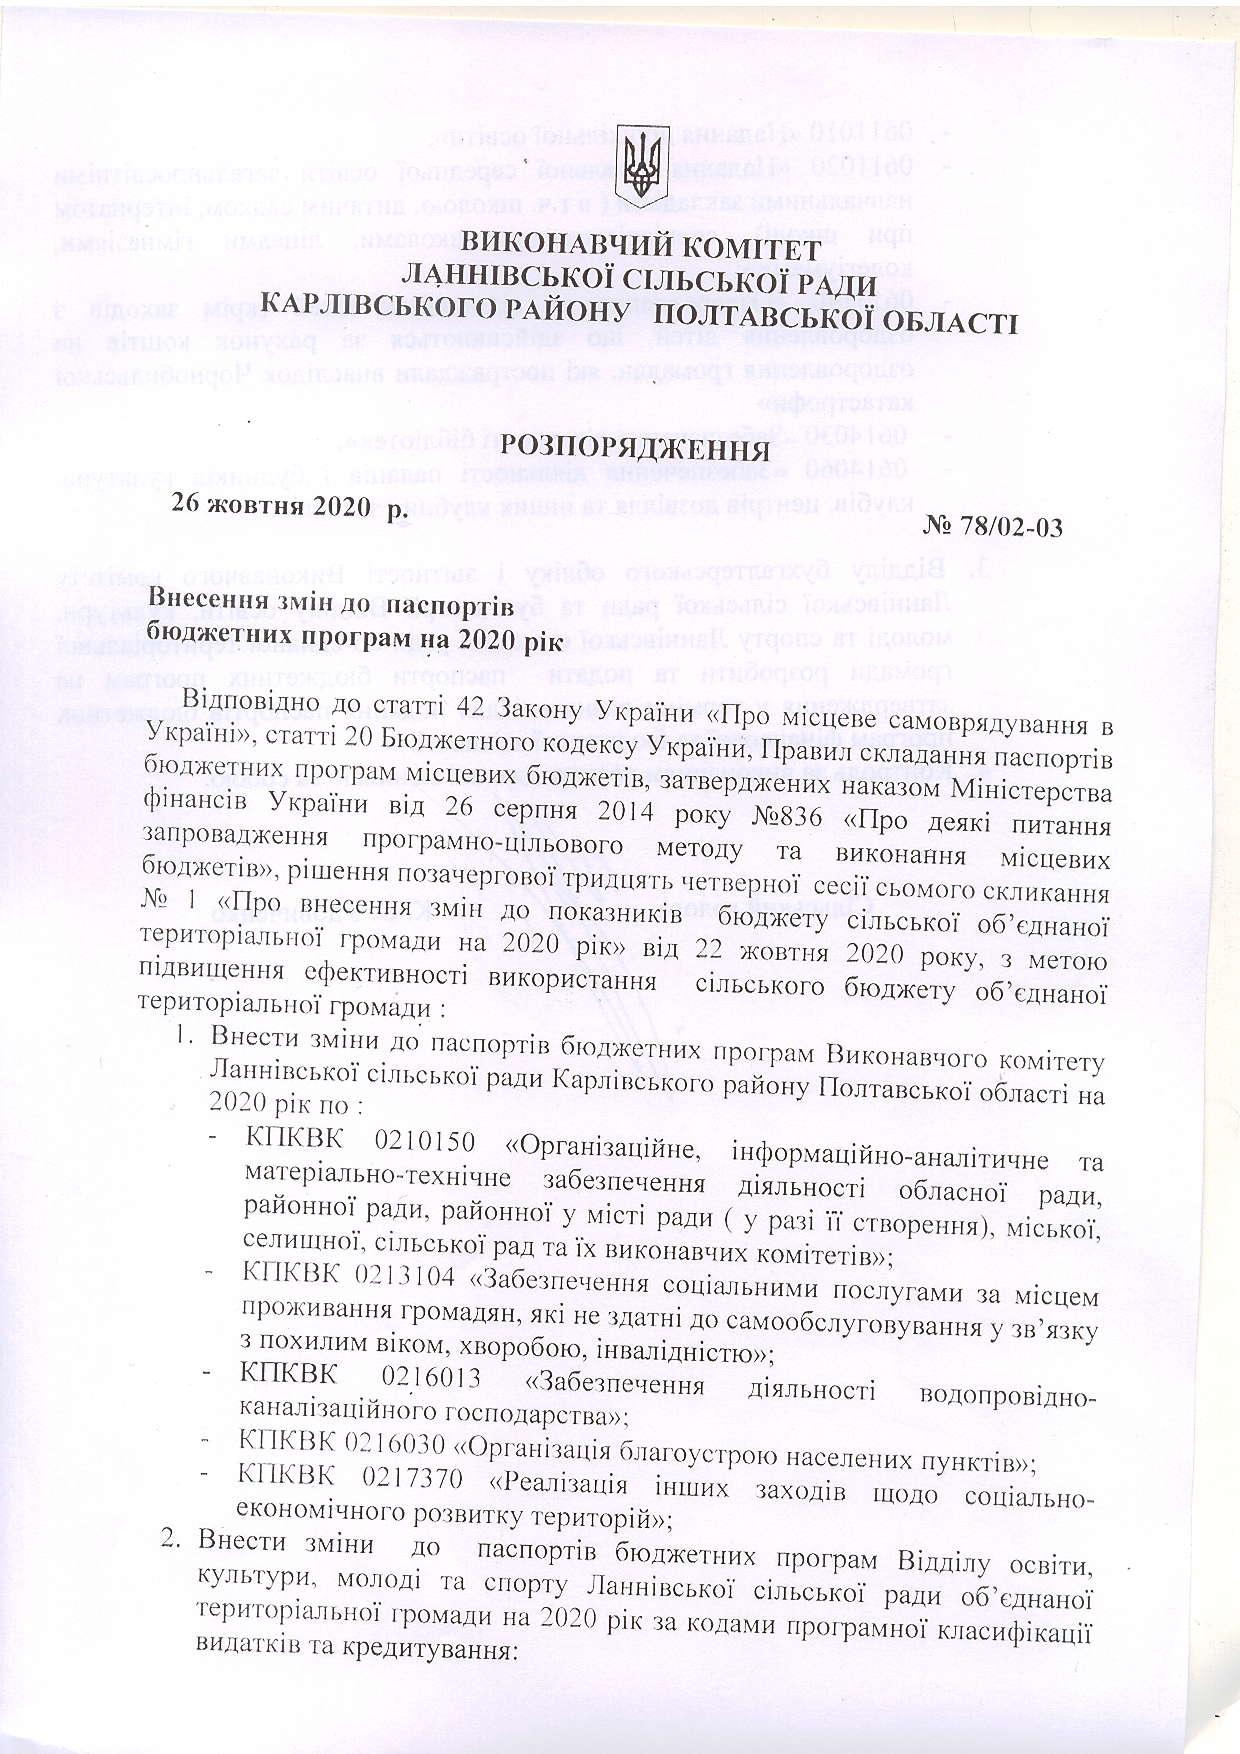 Внесення змін до паспортів бюджетних програм на 2020 рік від 26.10.2020